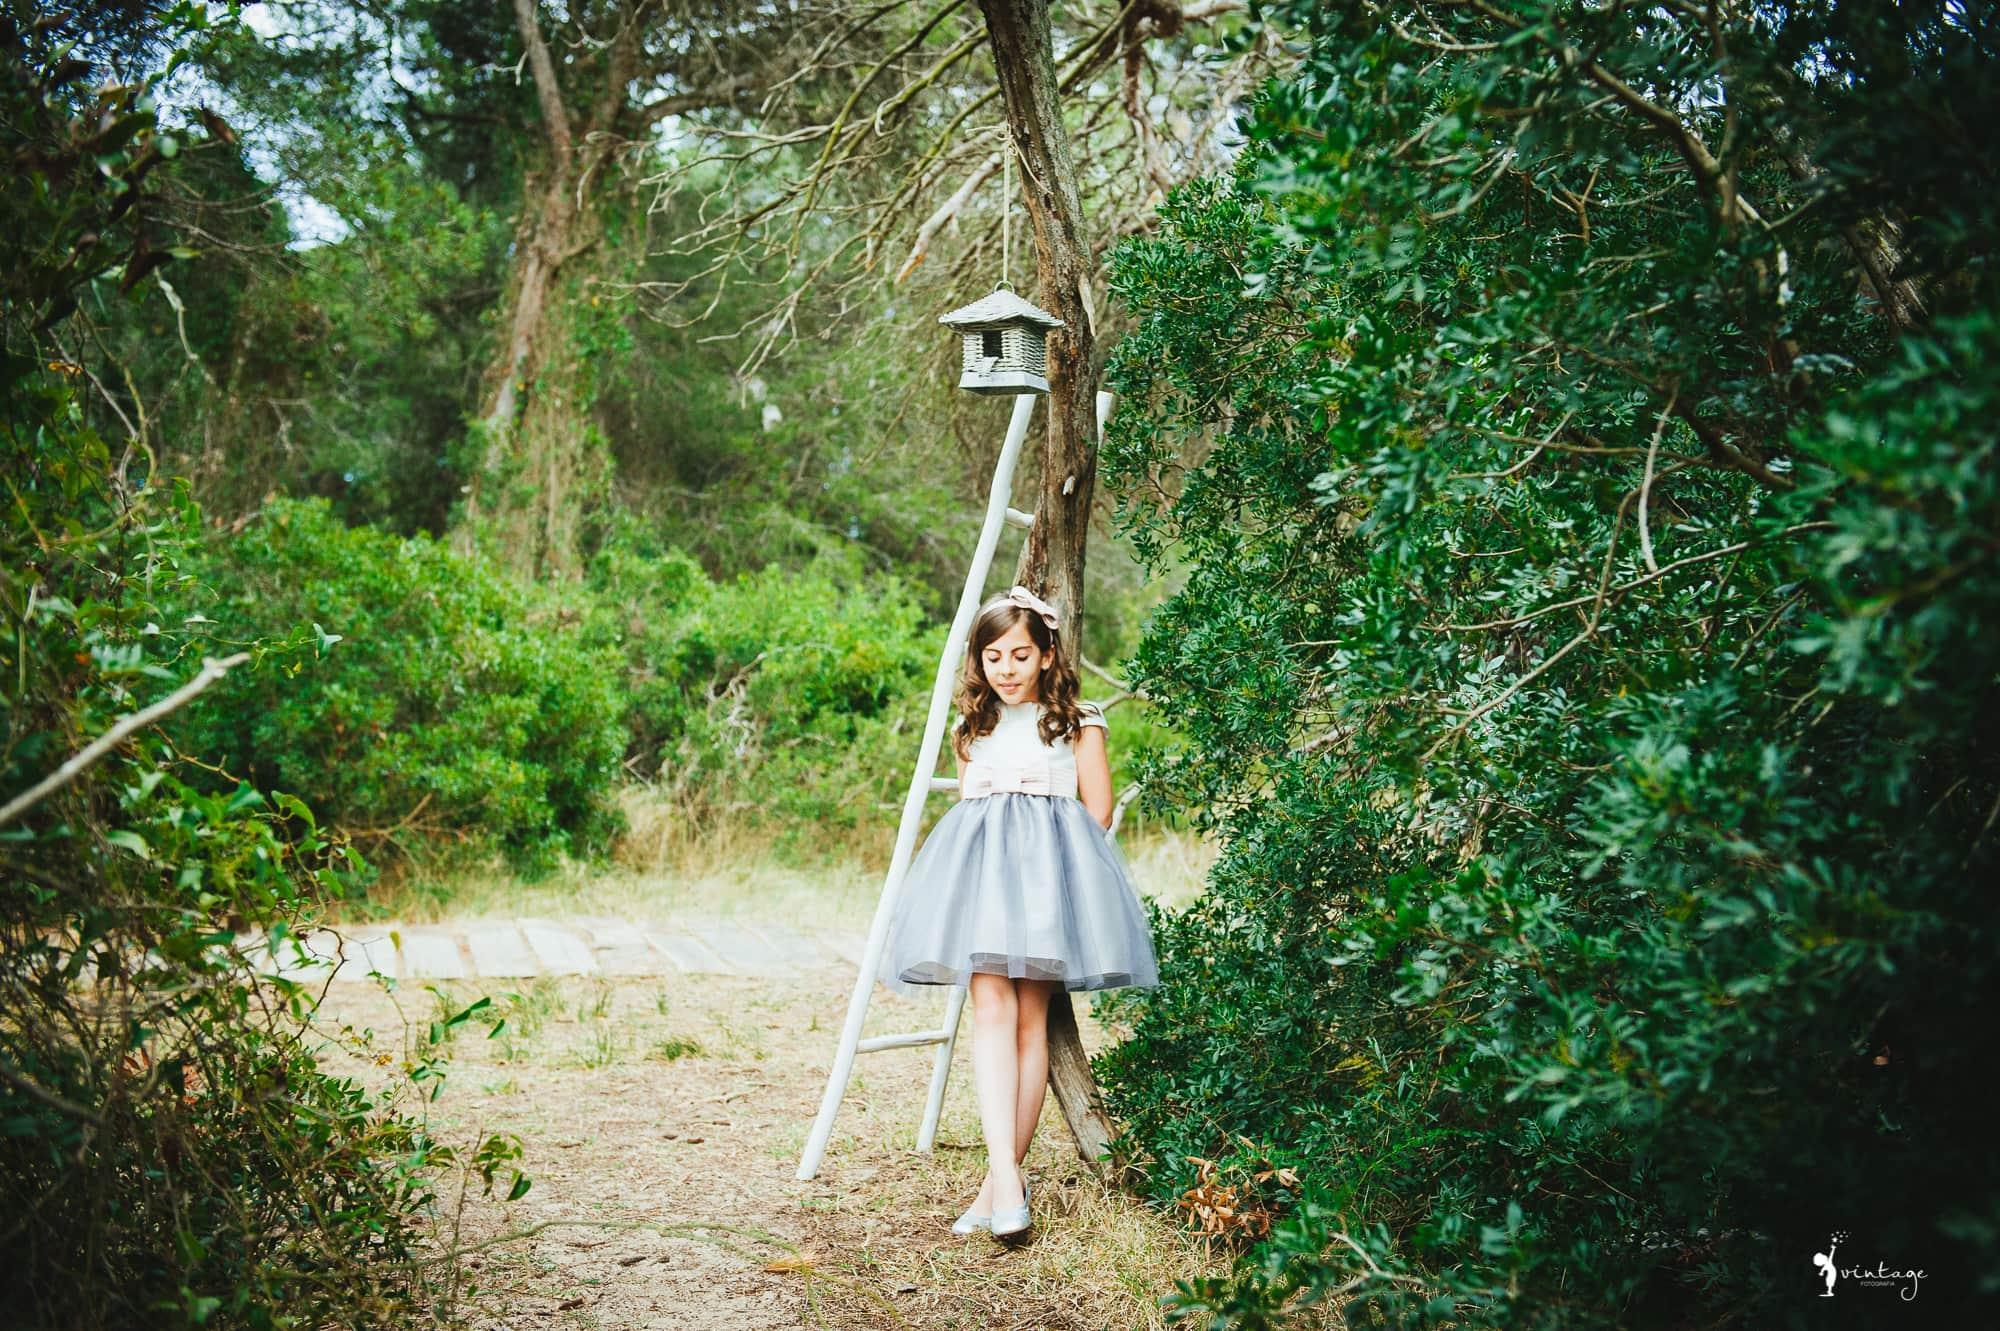 fotografia de comunion vintage toni lara valencia las palmas